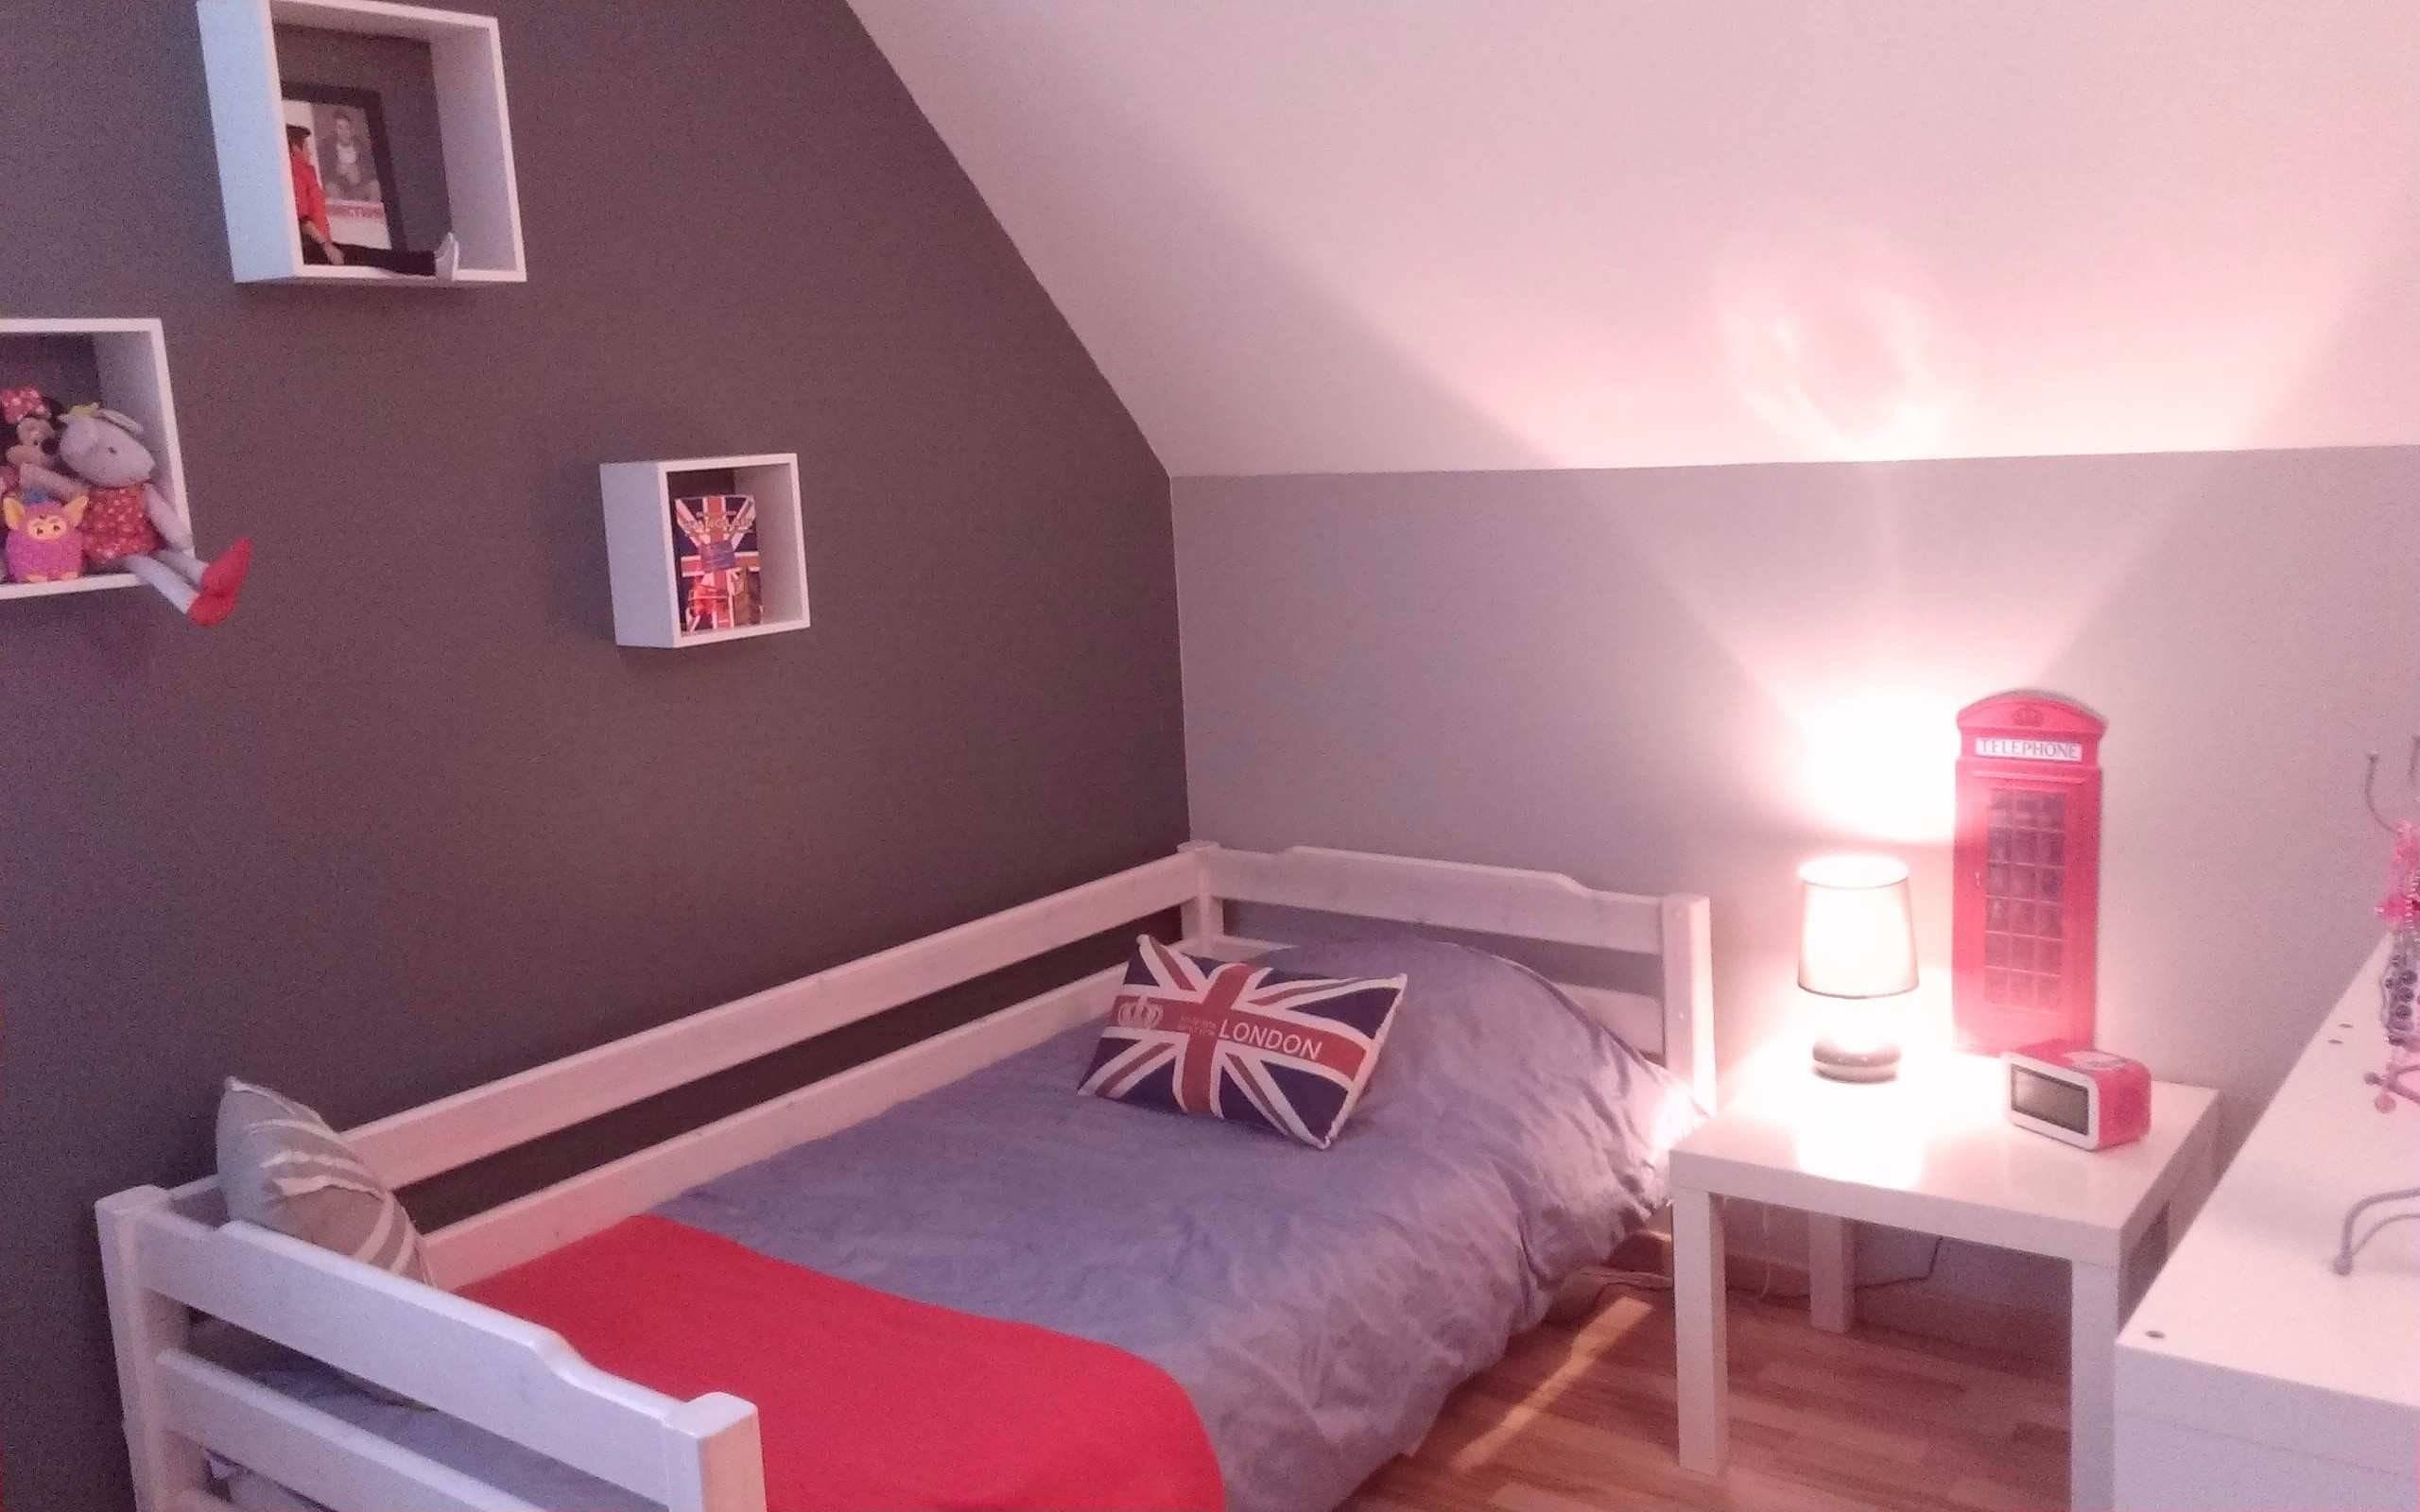 couleur chambre fille peinture pour chambre ado luxury tete de lit fille beau robe de of couleur chambre fille